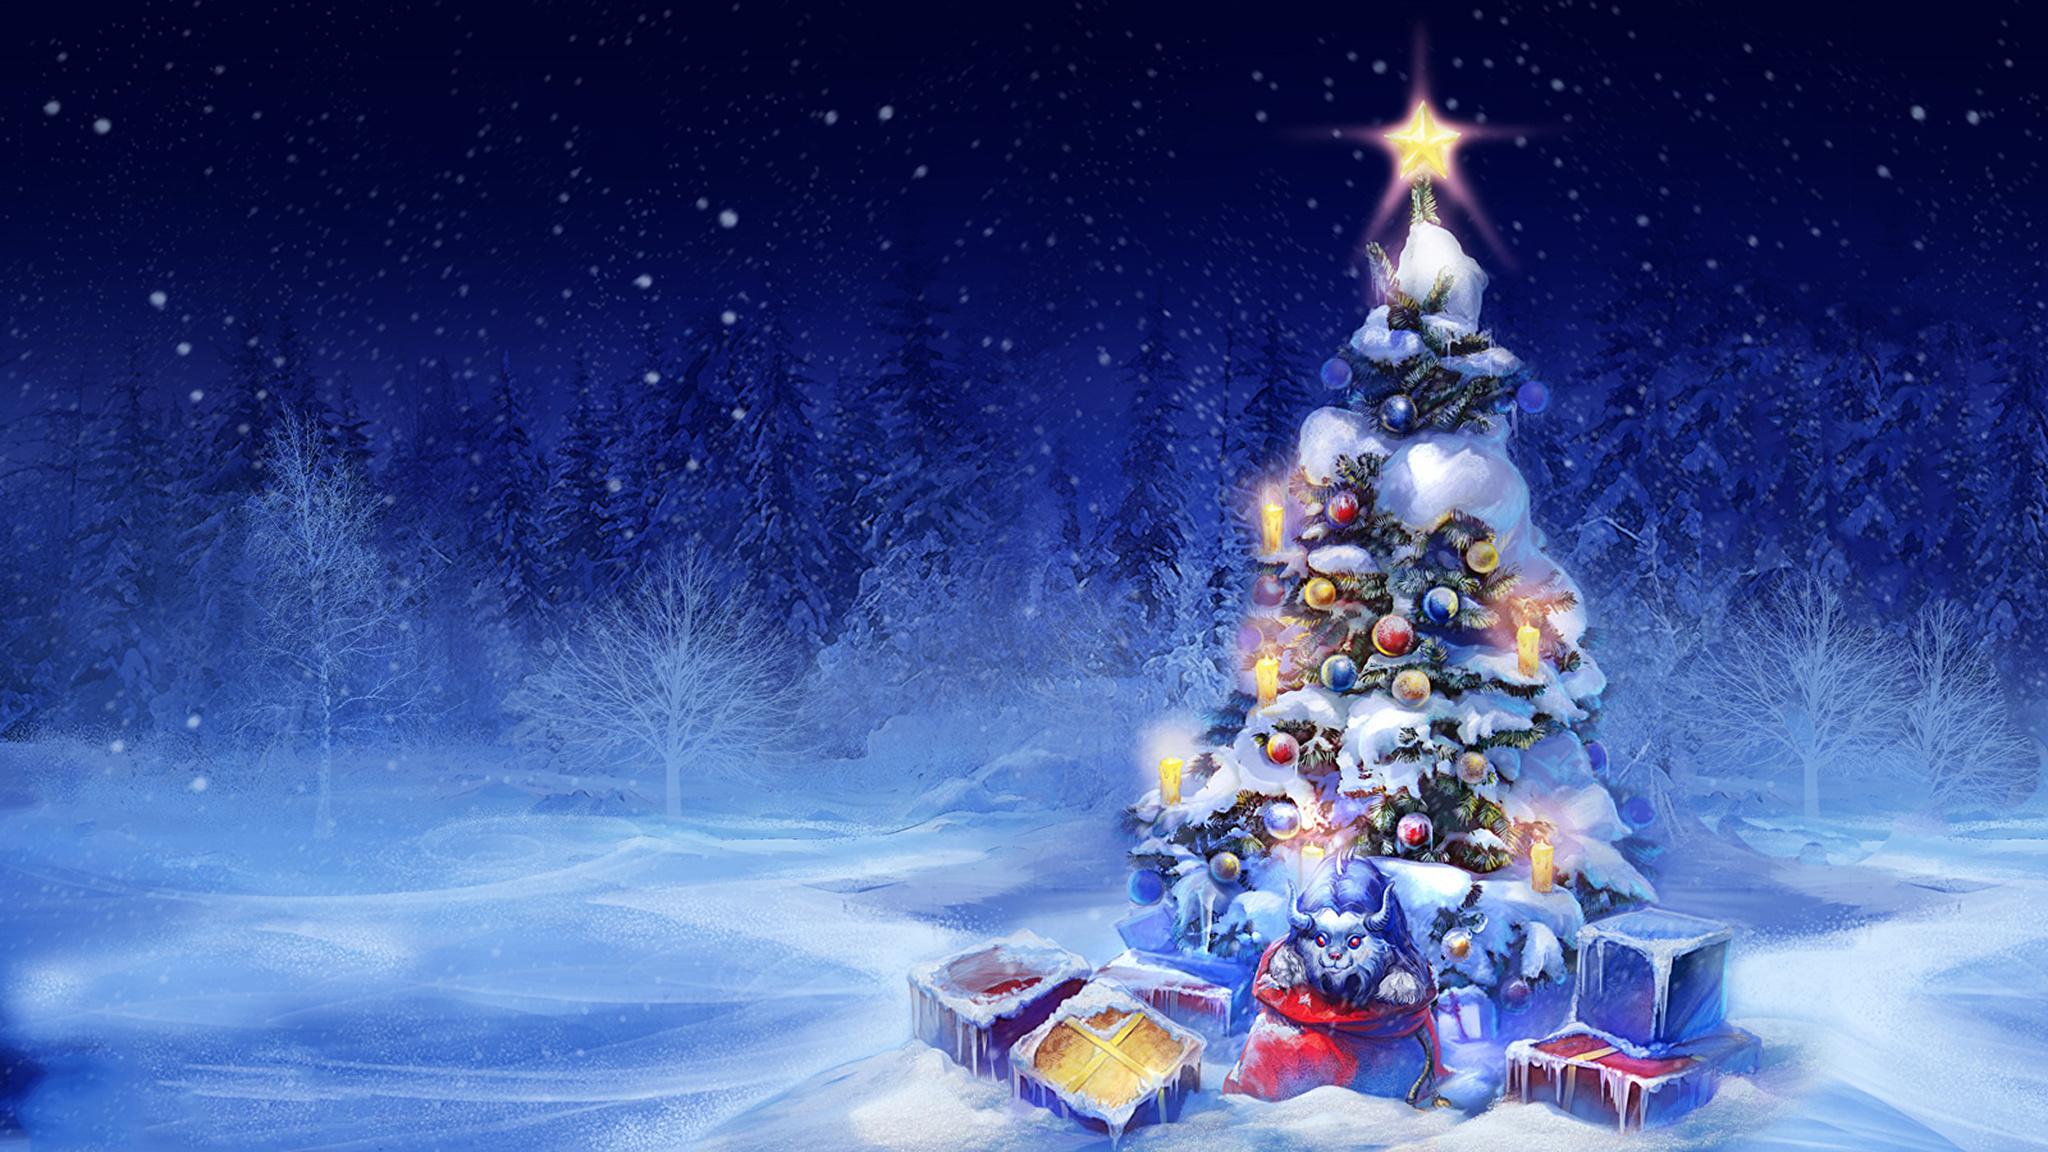 Скачать Обои На Телефон Рождество